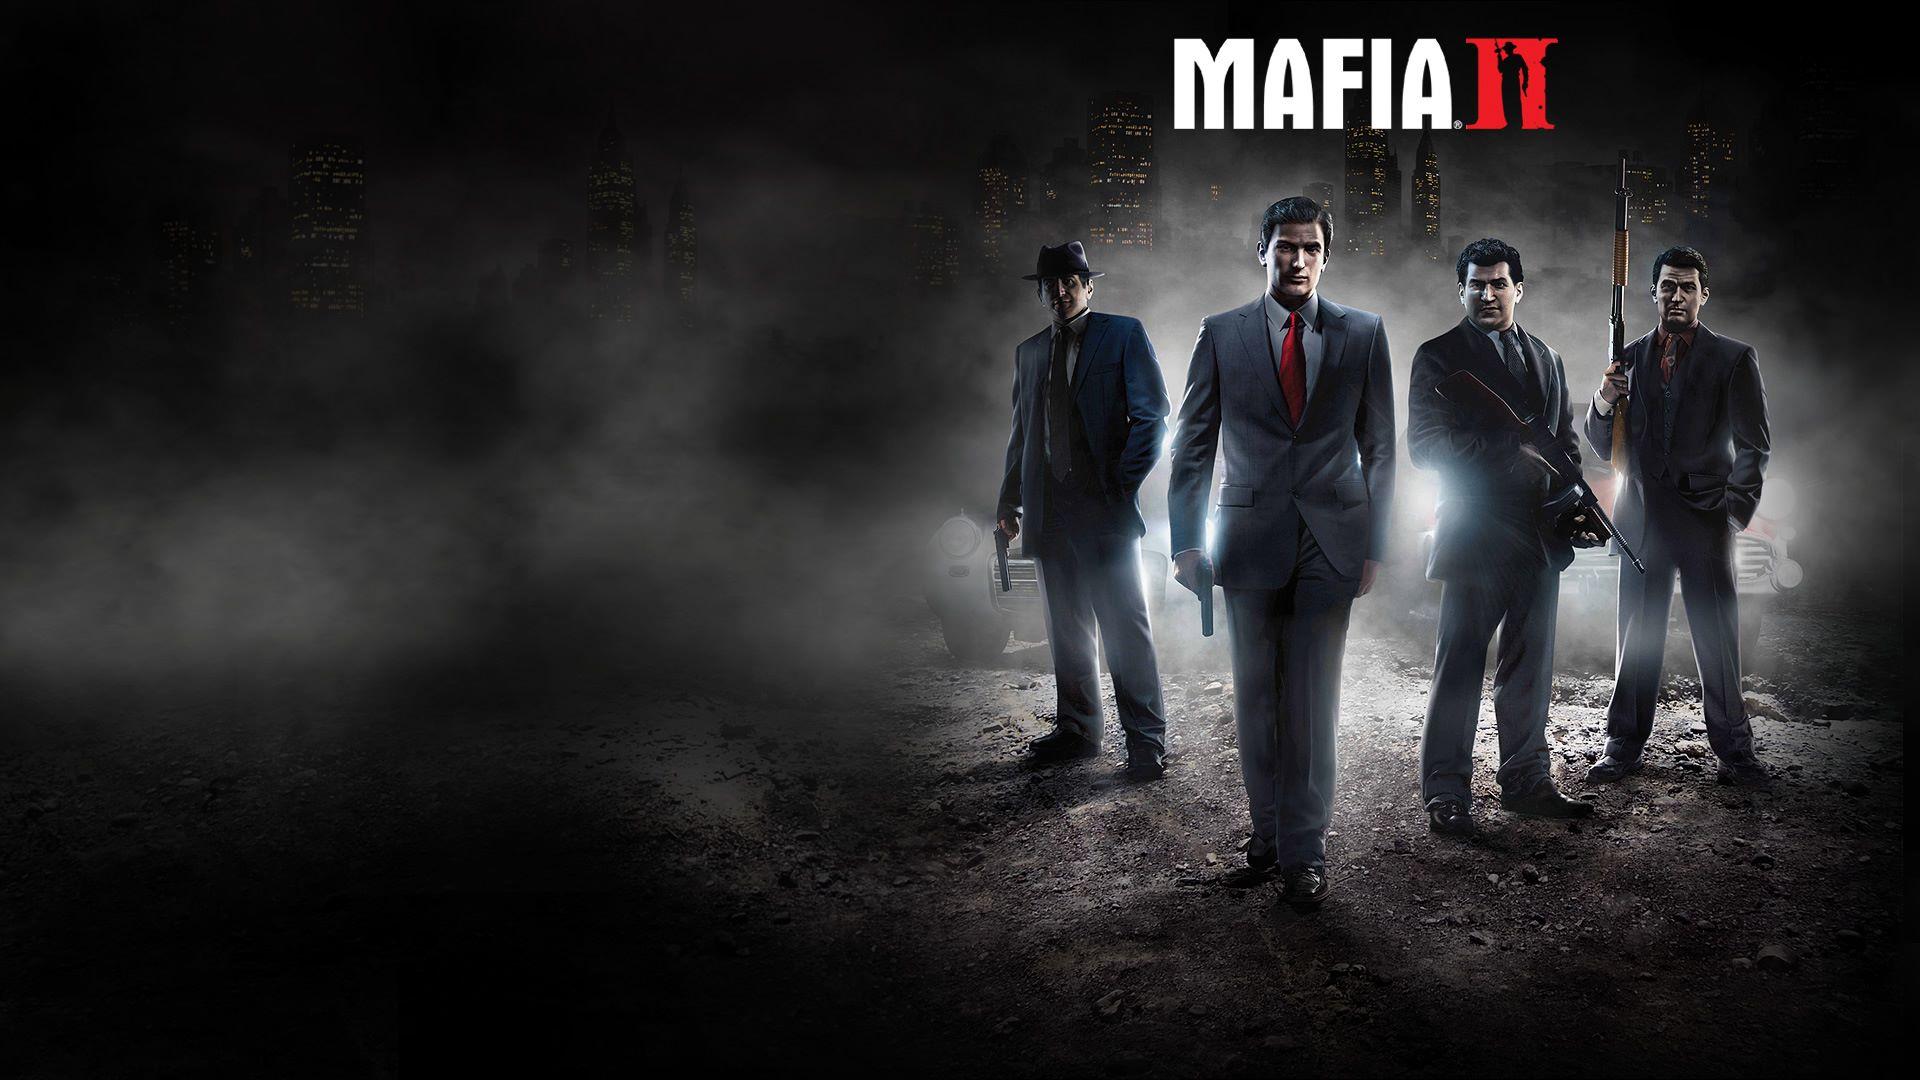 mafia 2 download for mac